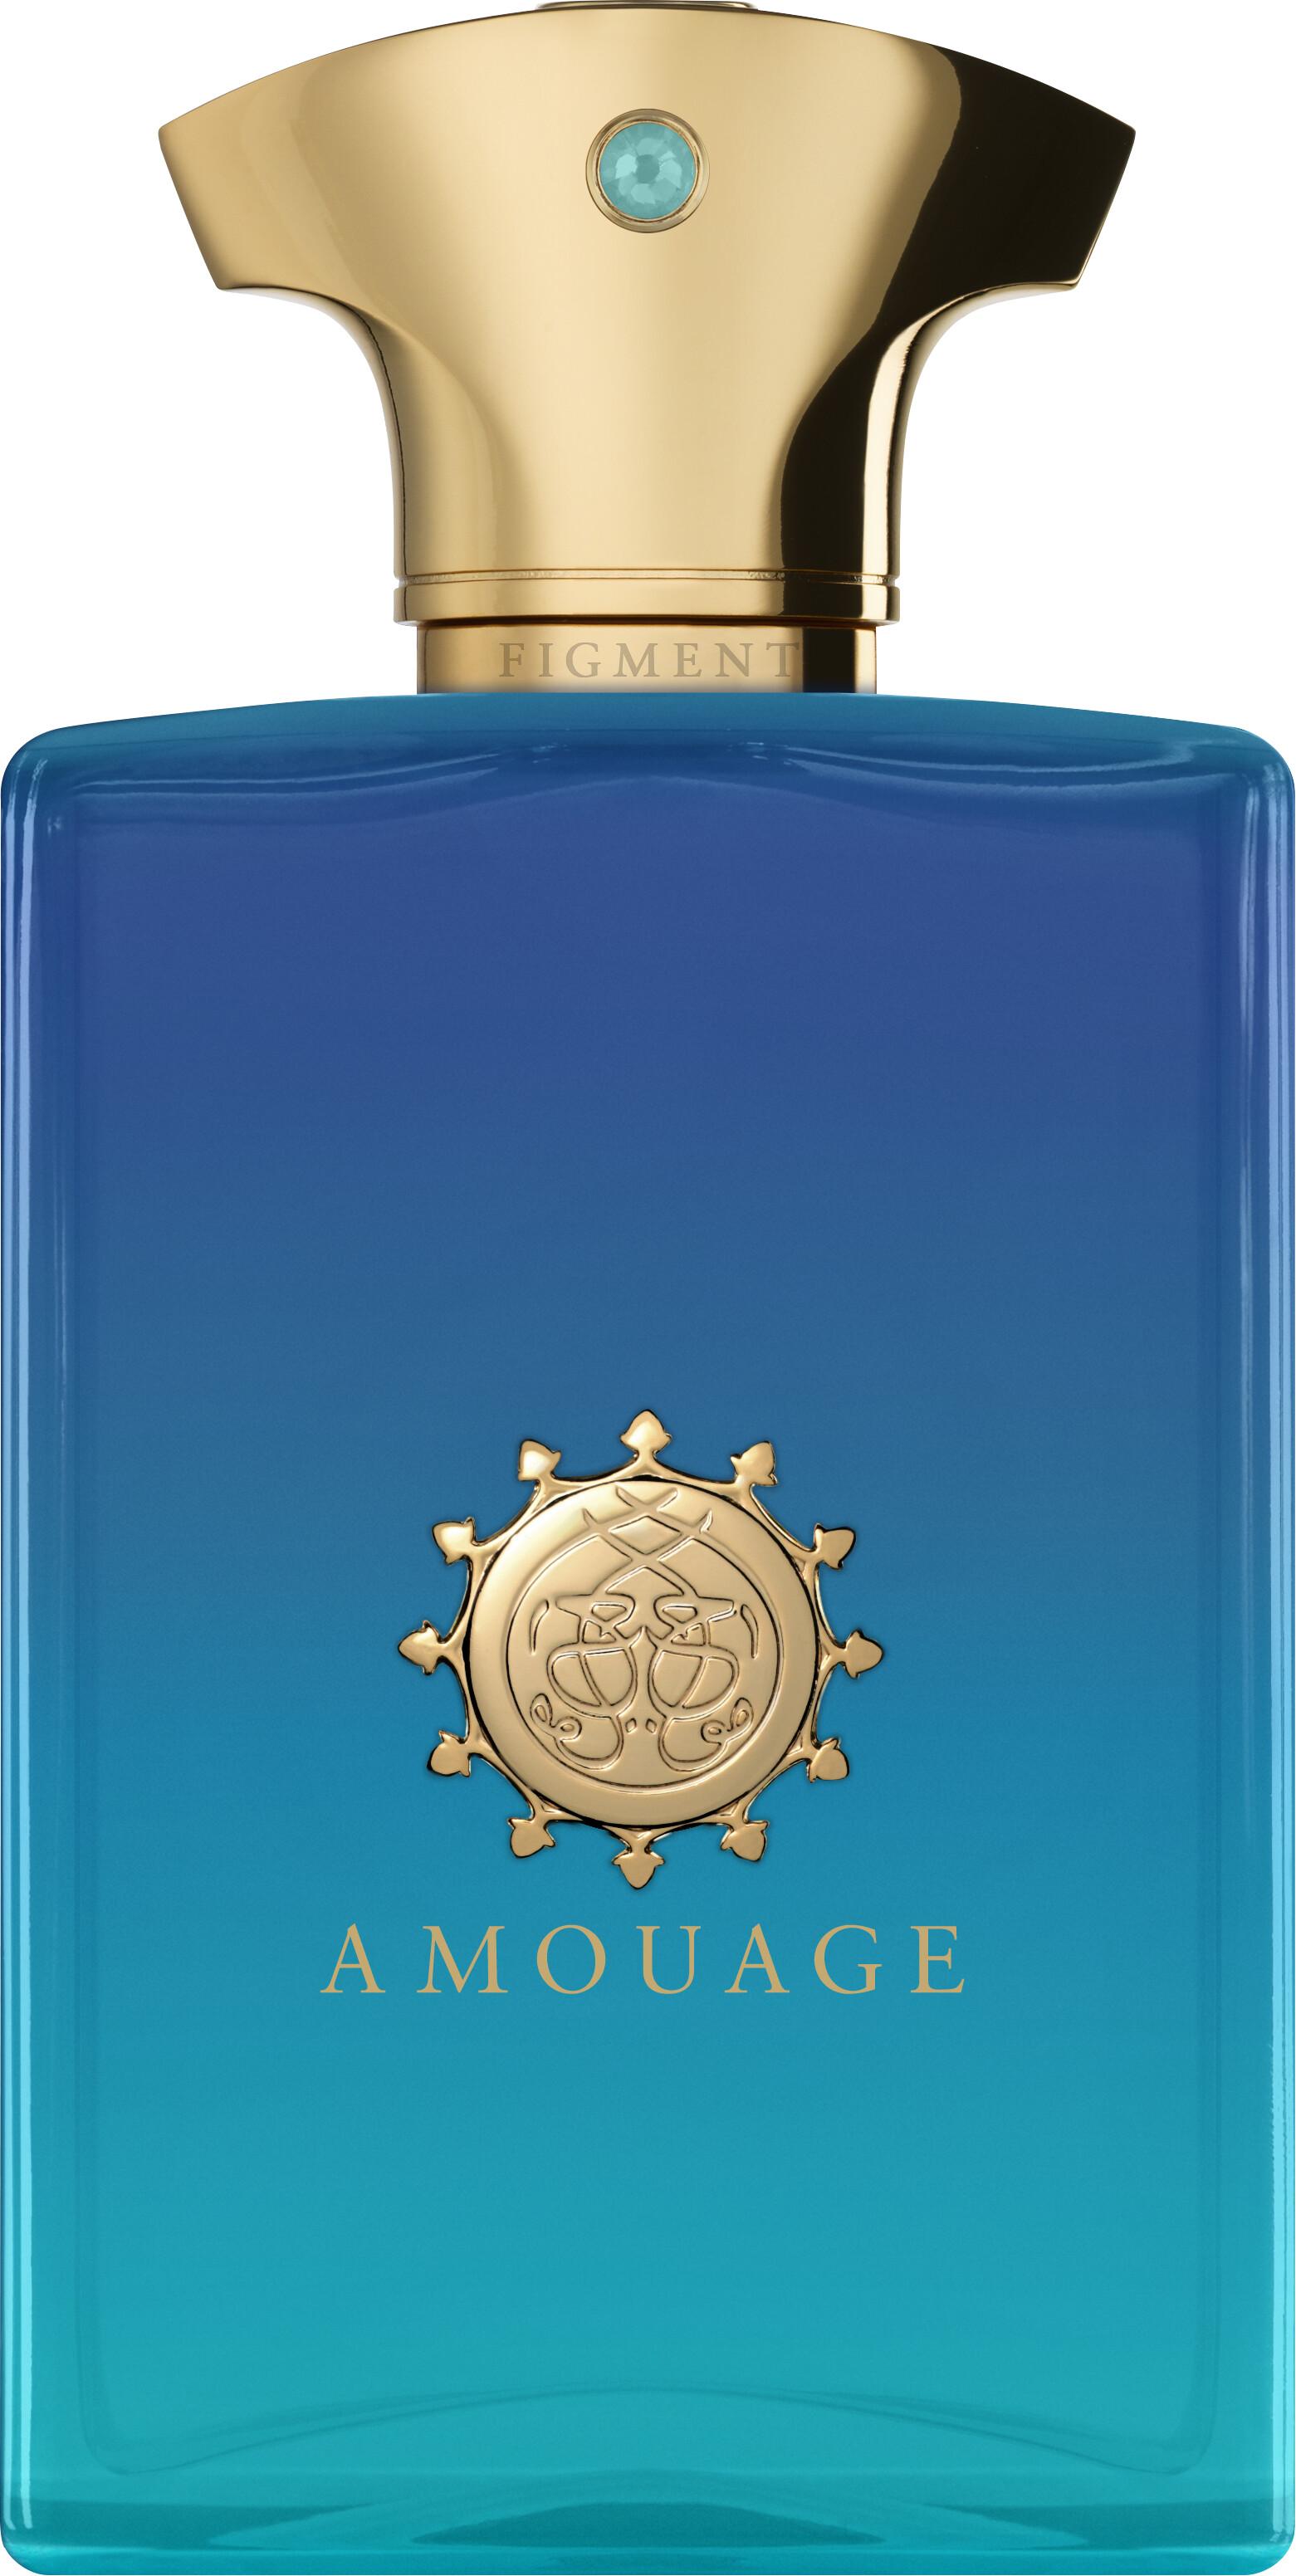 Amouage Figment Man Eau De Parfum Spray